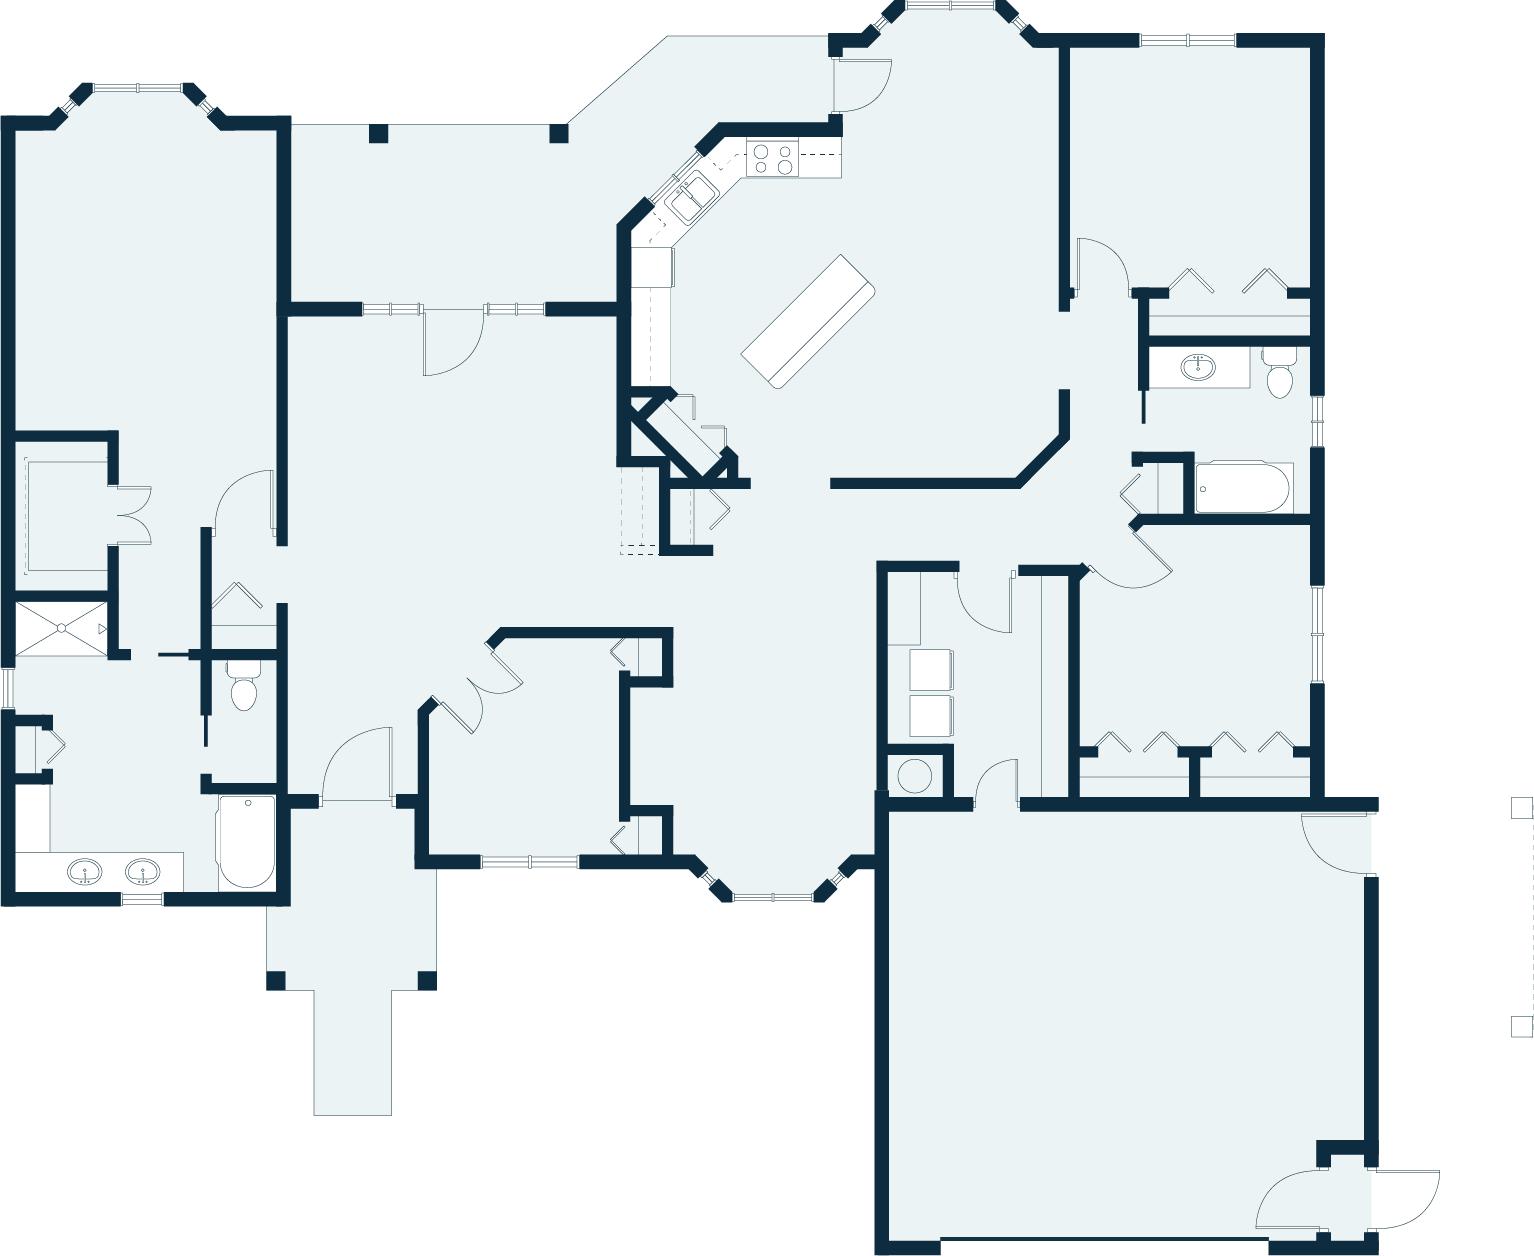 Periwinkle floor plan